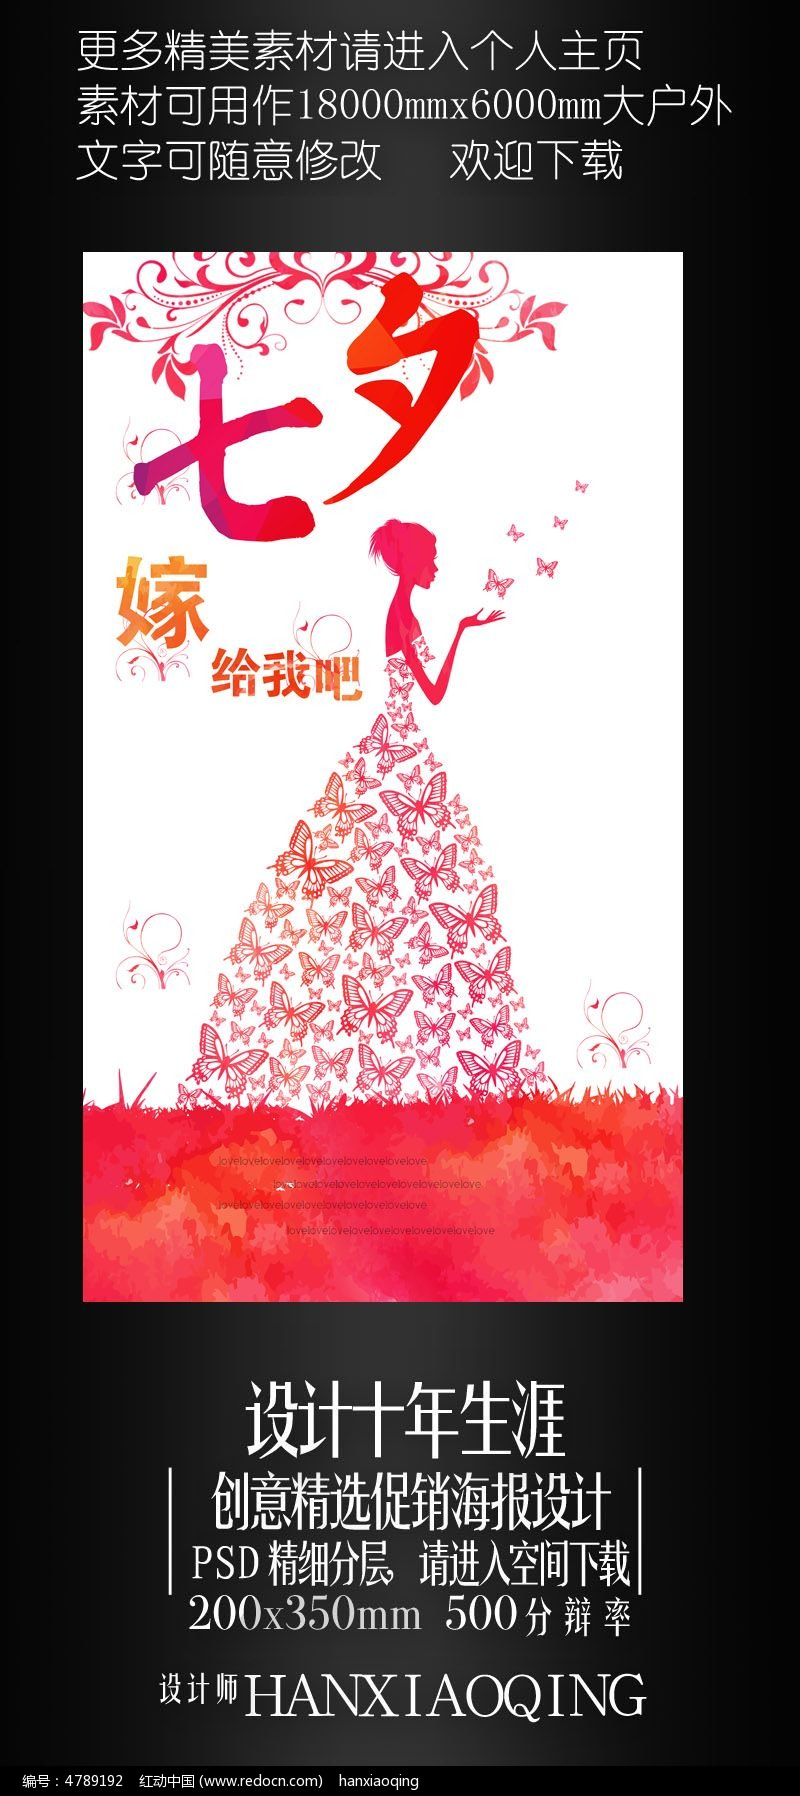 七夕情人节求婚方案海报设计图片素材活动设计创意时尚3d图片